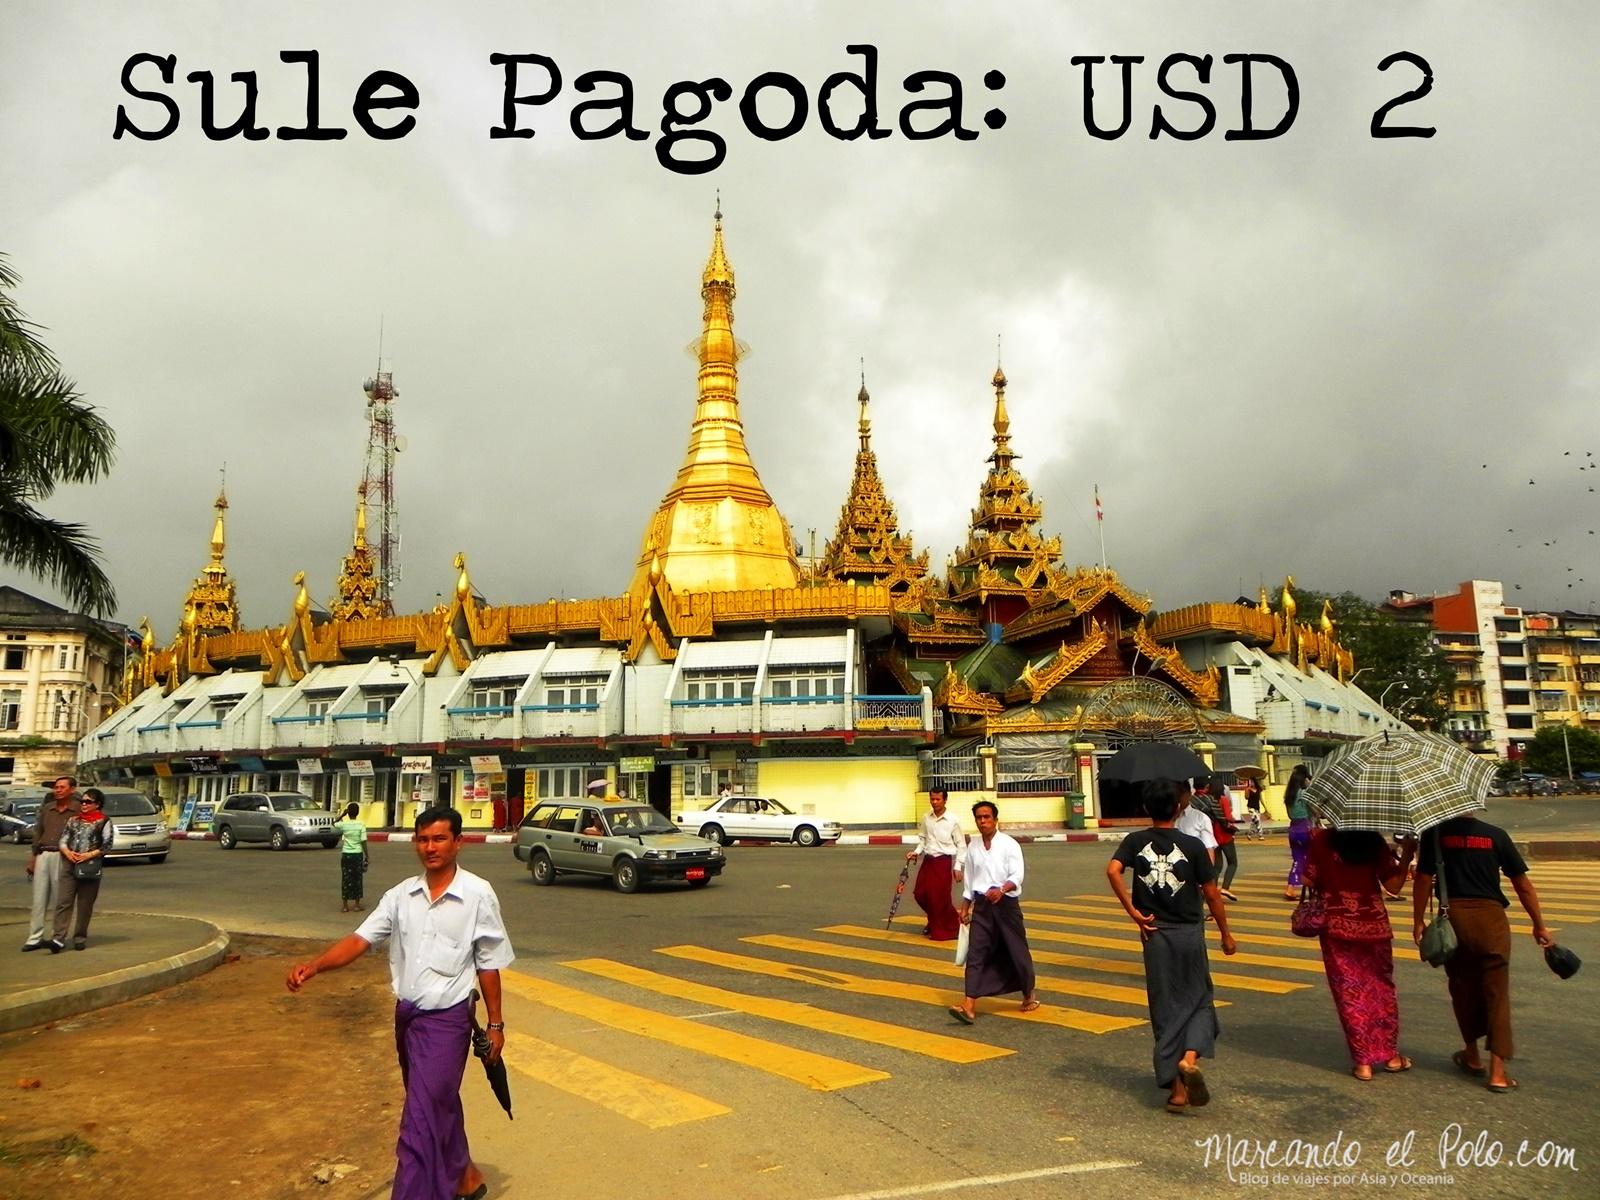 Presupuesto para viajar a Myanmar: Sule Pagoda